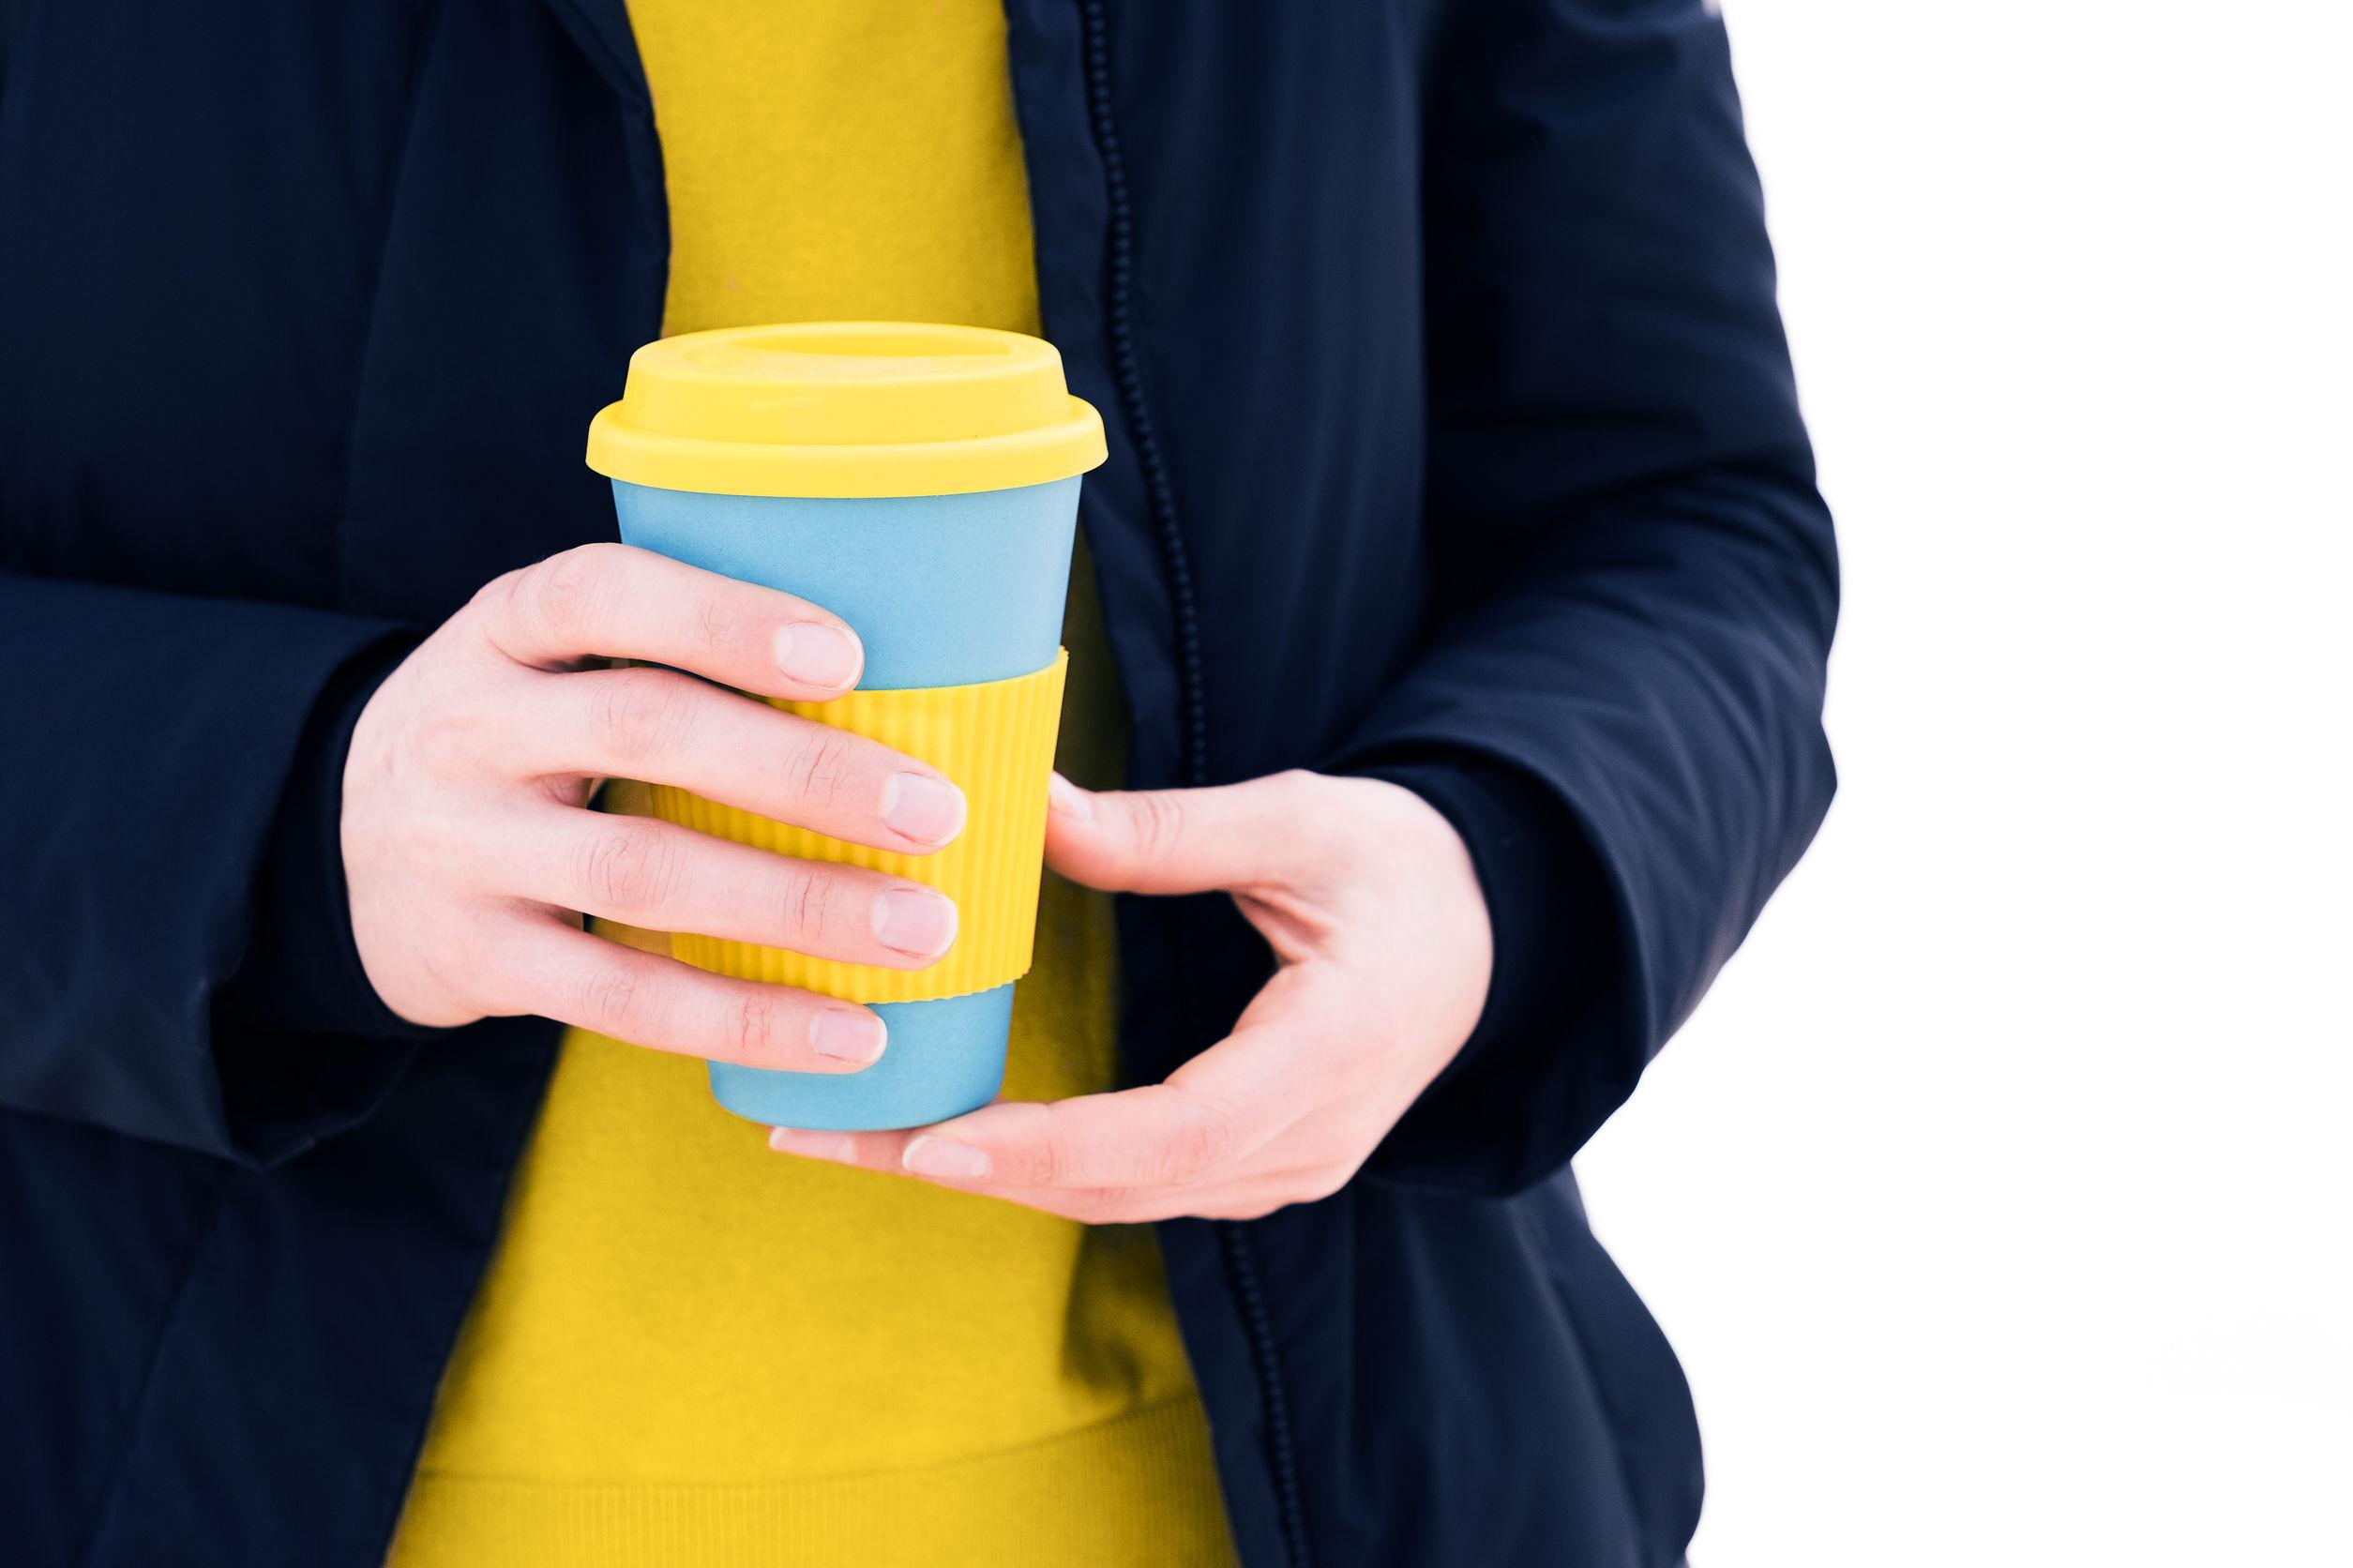 Imagem de uma pessoa segurando um copo retrátil.